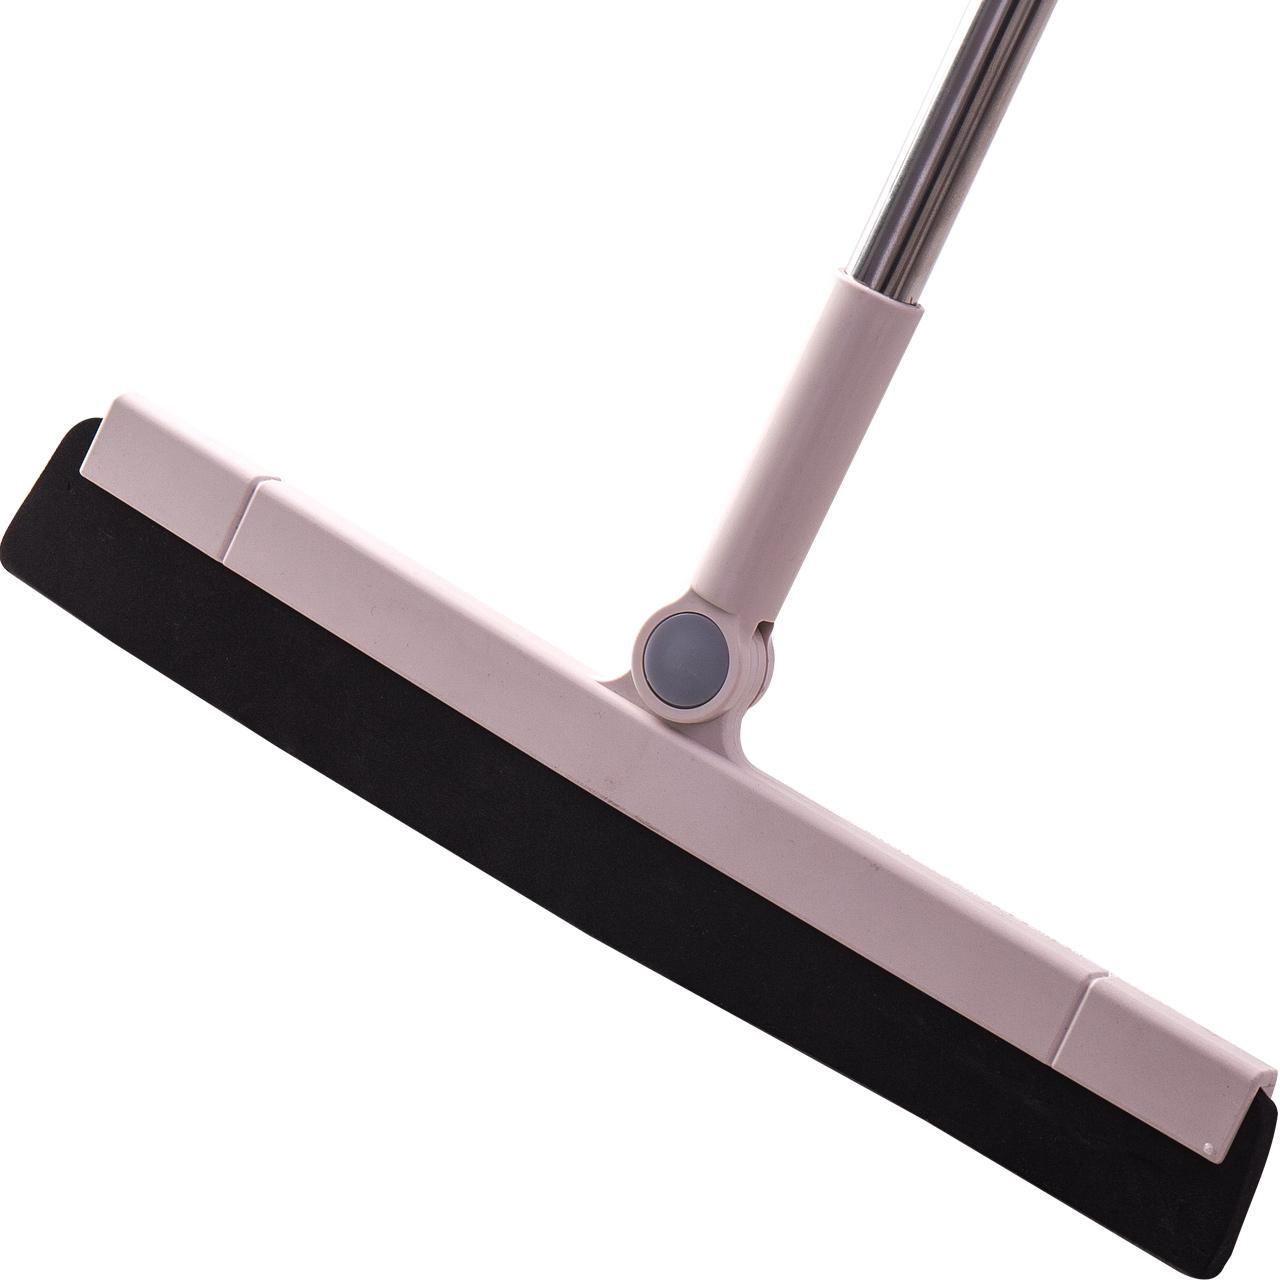 宝优妮刮水拖把浴室扫水地刮魔术扫把家用卫生间地面刮地板刮水器